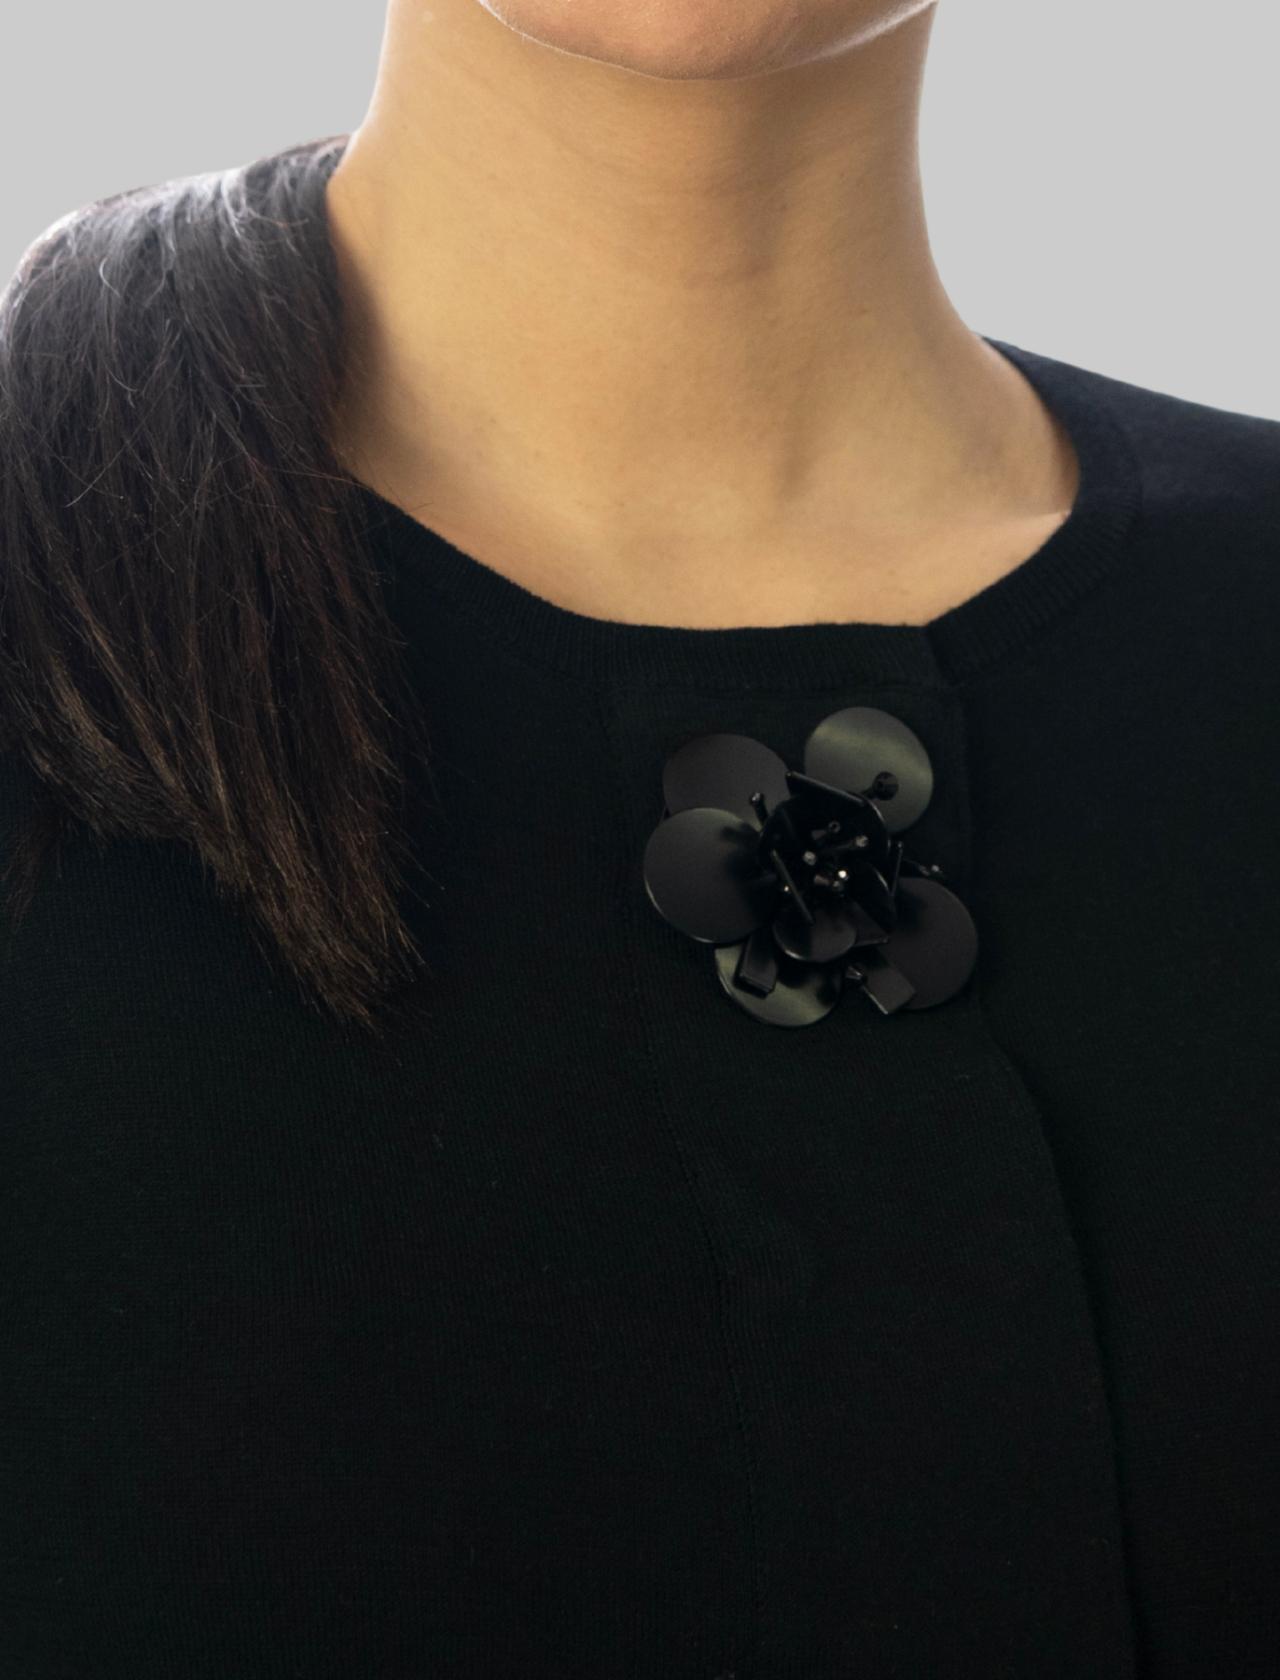 Women's Clothing Short Cardigan Flower Embroidery in Black Cotton Maliparmi | Knitwear | JN35657050220000